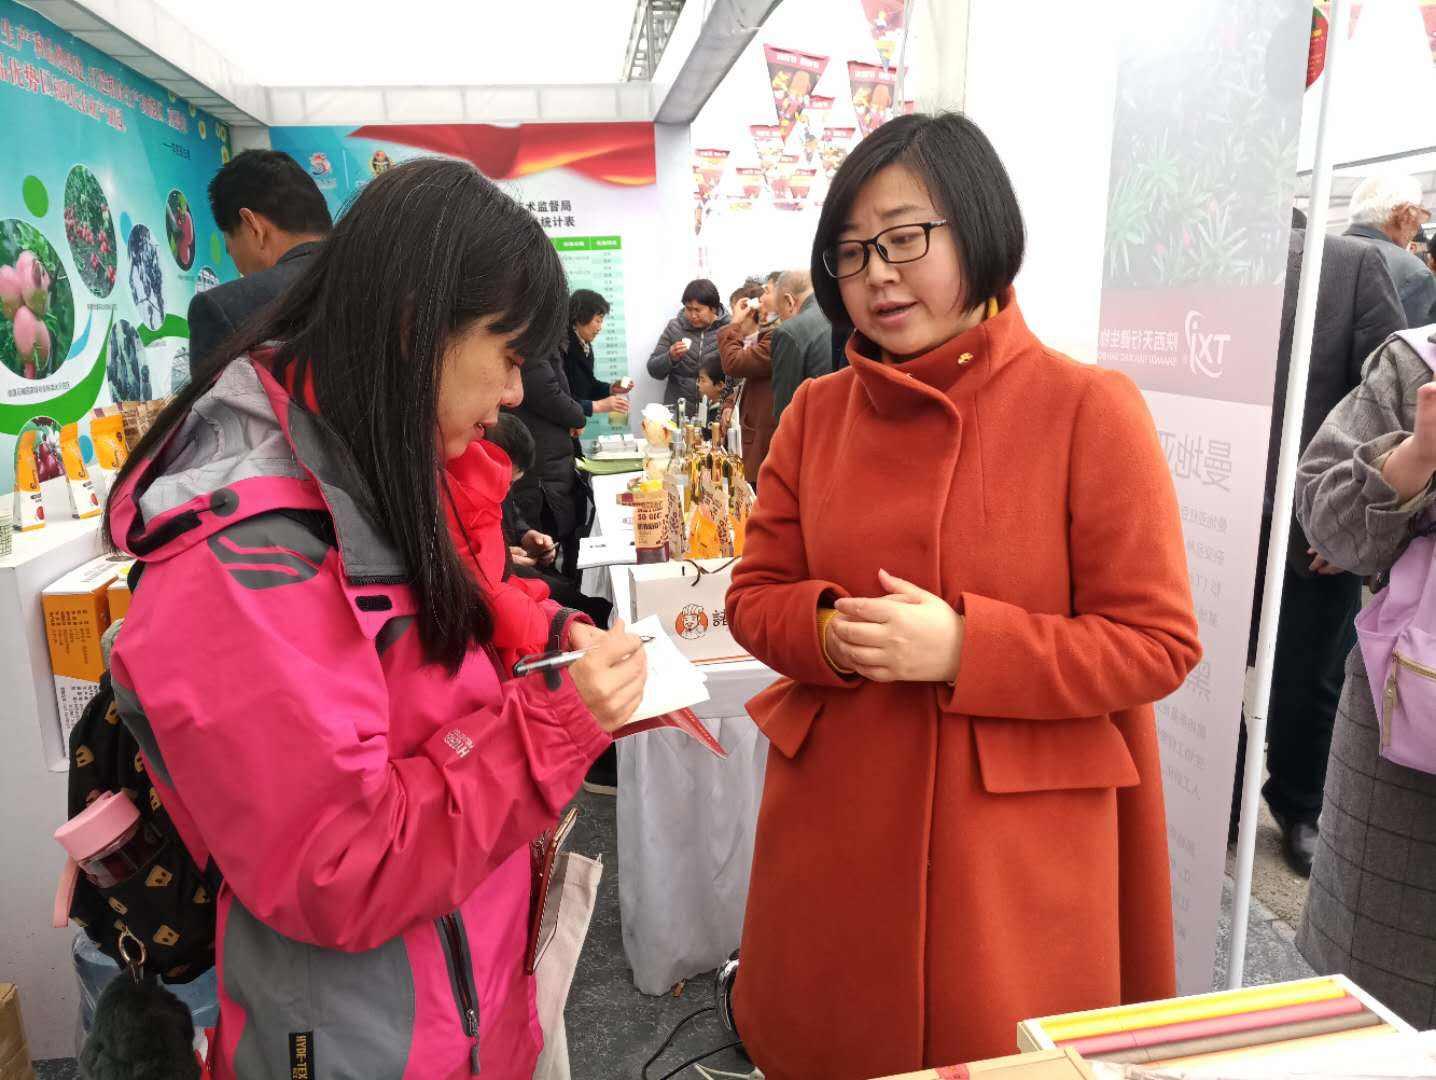 西安日报:标准化农产品让群众大开眼界|企业新闻-陕西省天行健生物工程股份有限公司